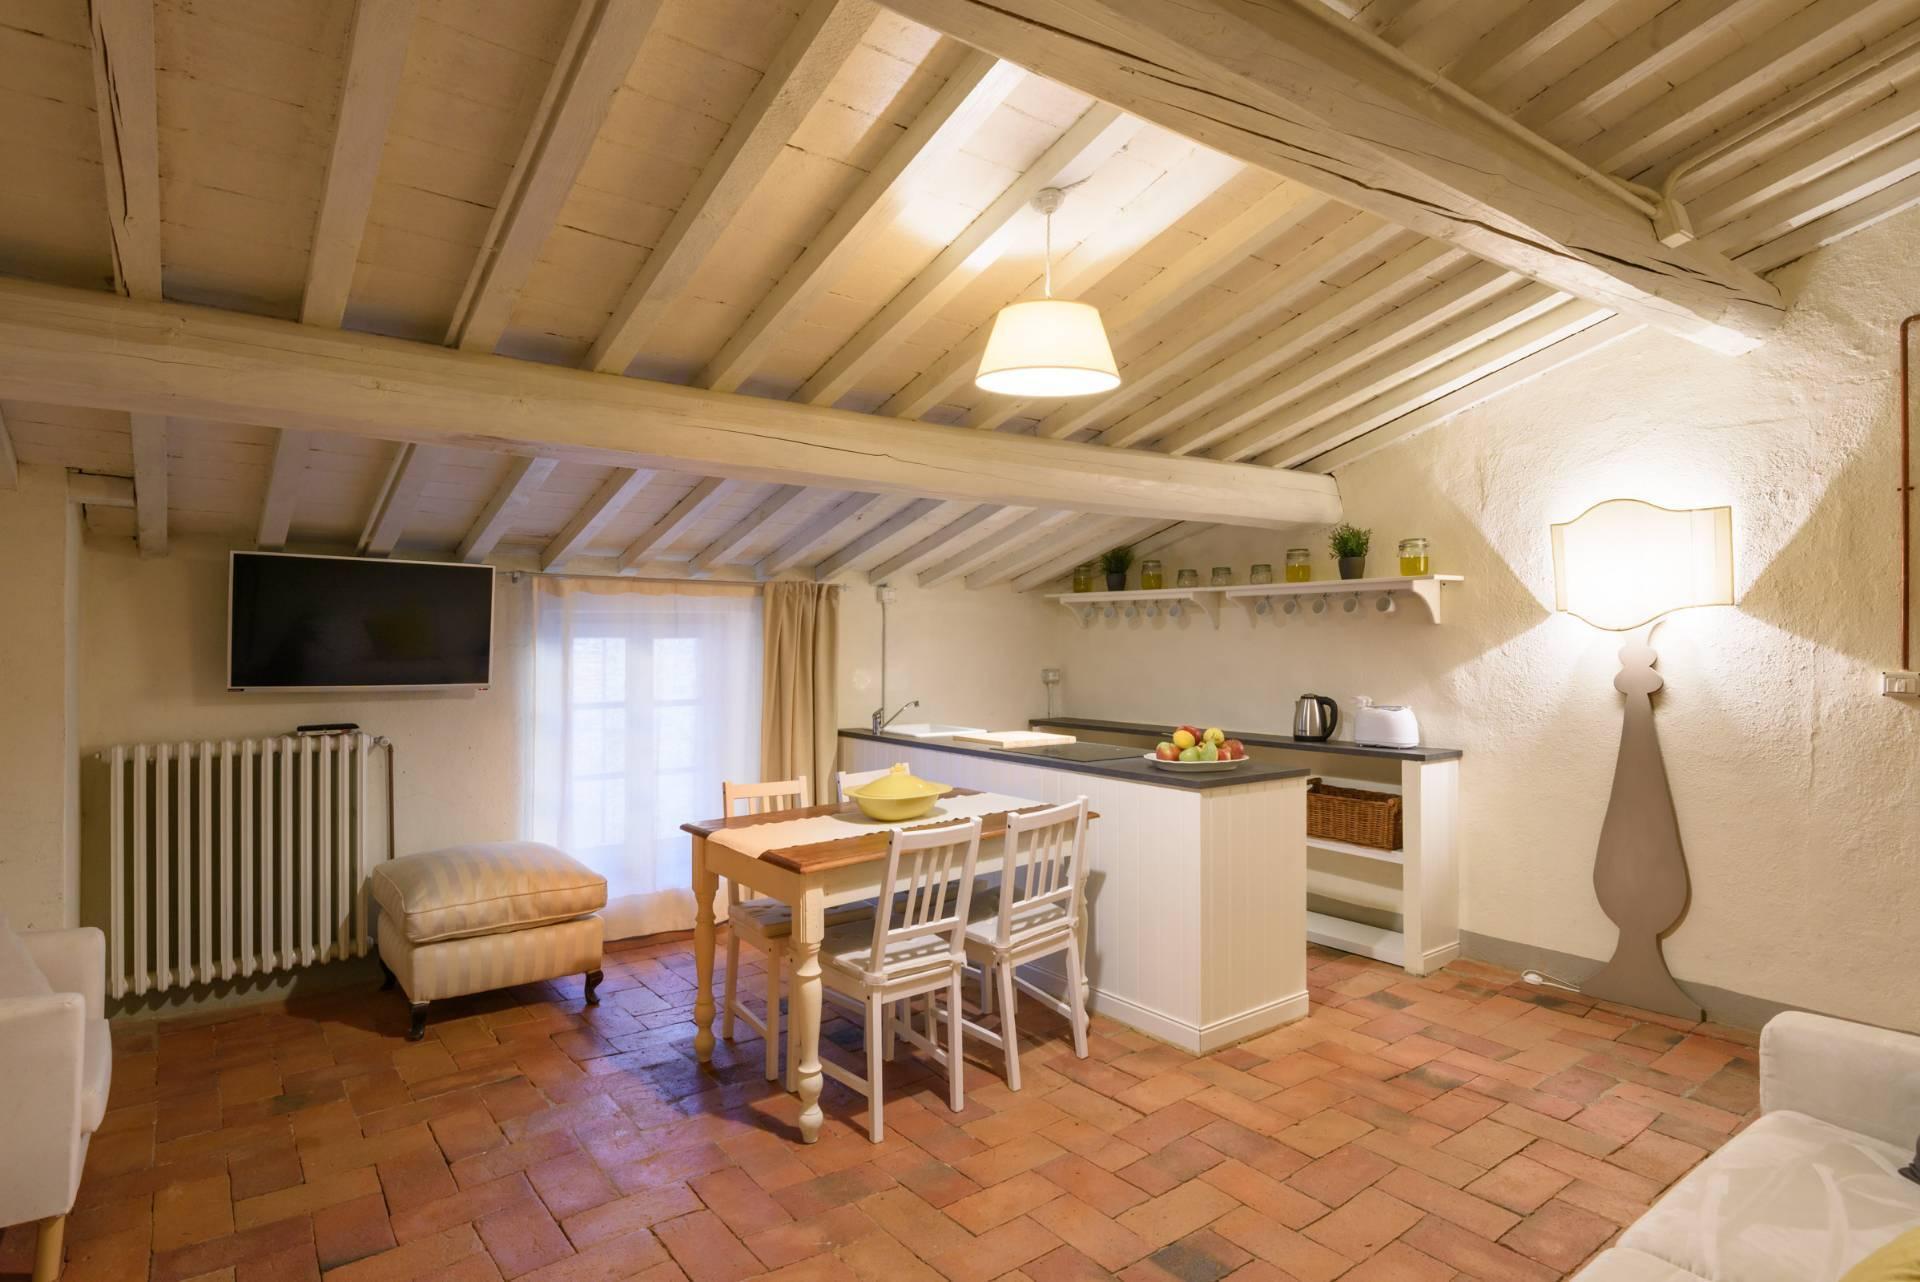 Appartamento in vendita a Anghiari, 2 locali, zona Zona: Scheggia, prezzo € 100.000 | CambioCasa.it